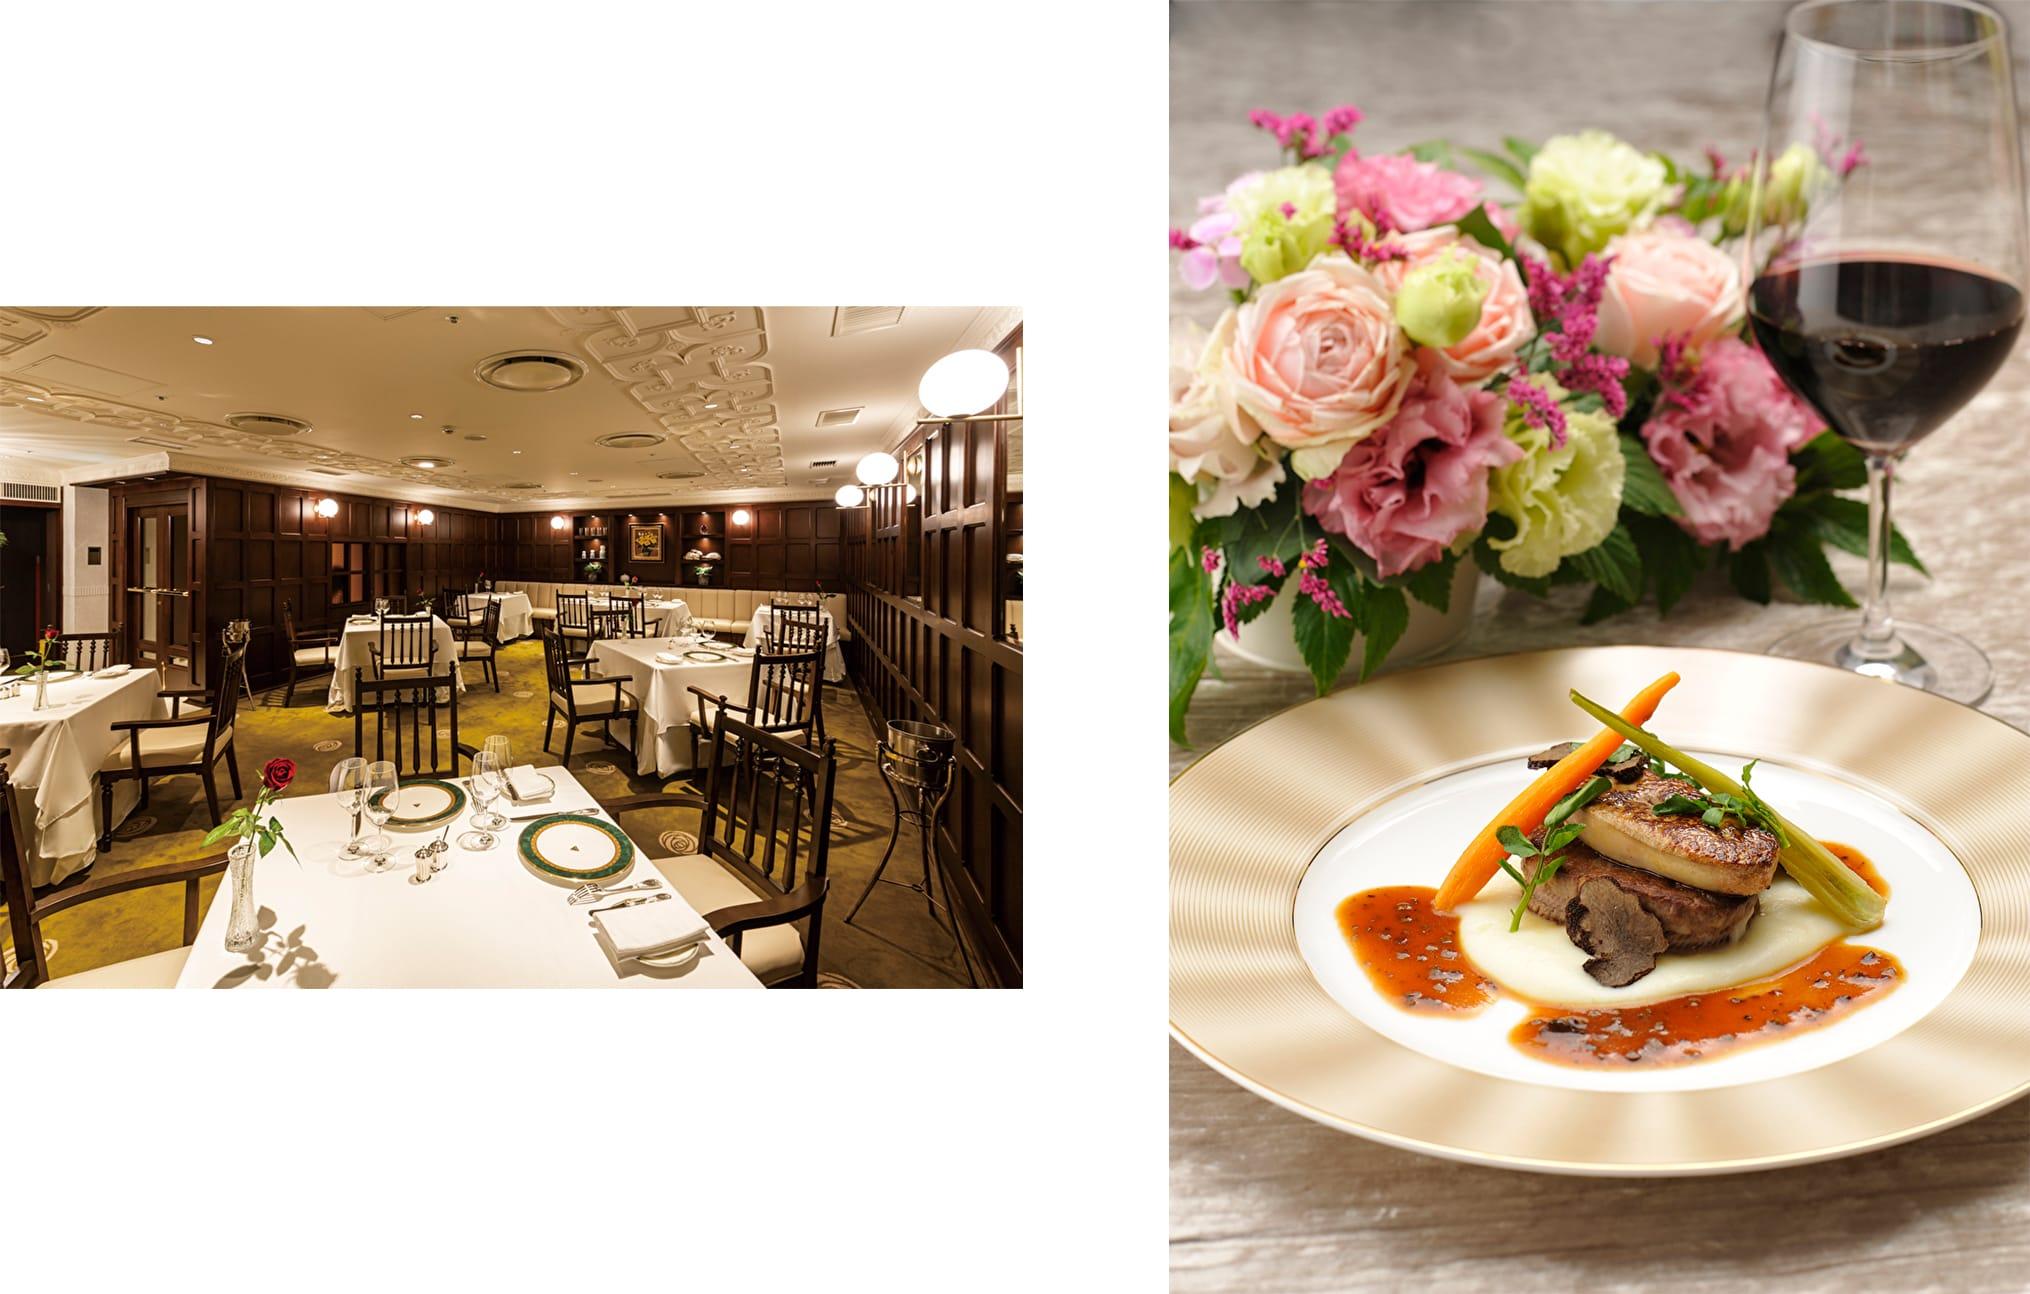 左:クラシカルな雰囲気が新鮮な「フレンチレストラン ラヴィ」。右:リニューアル記念特別コース(ディナー)のメインは国産牛フィレ肉のポワレ ロッシーニ風。リニューアル記念特別コース(ディナー)18,000円(税・サービス料別)